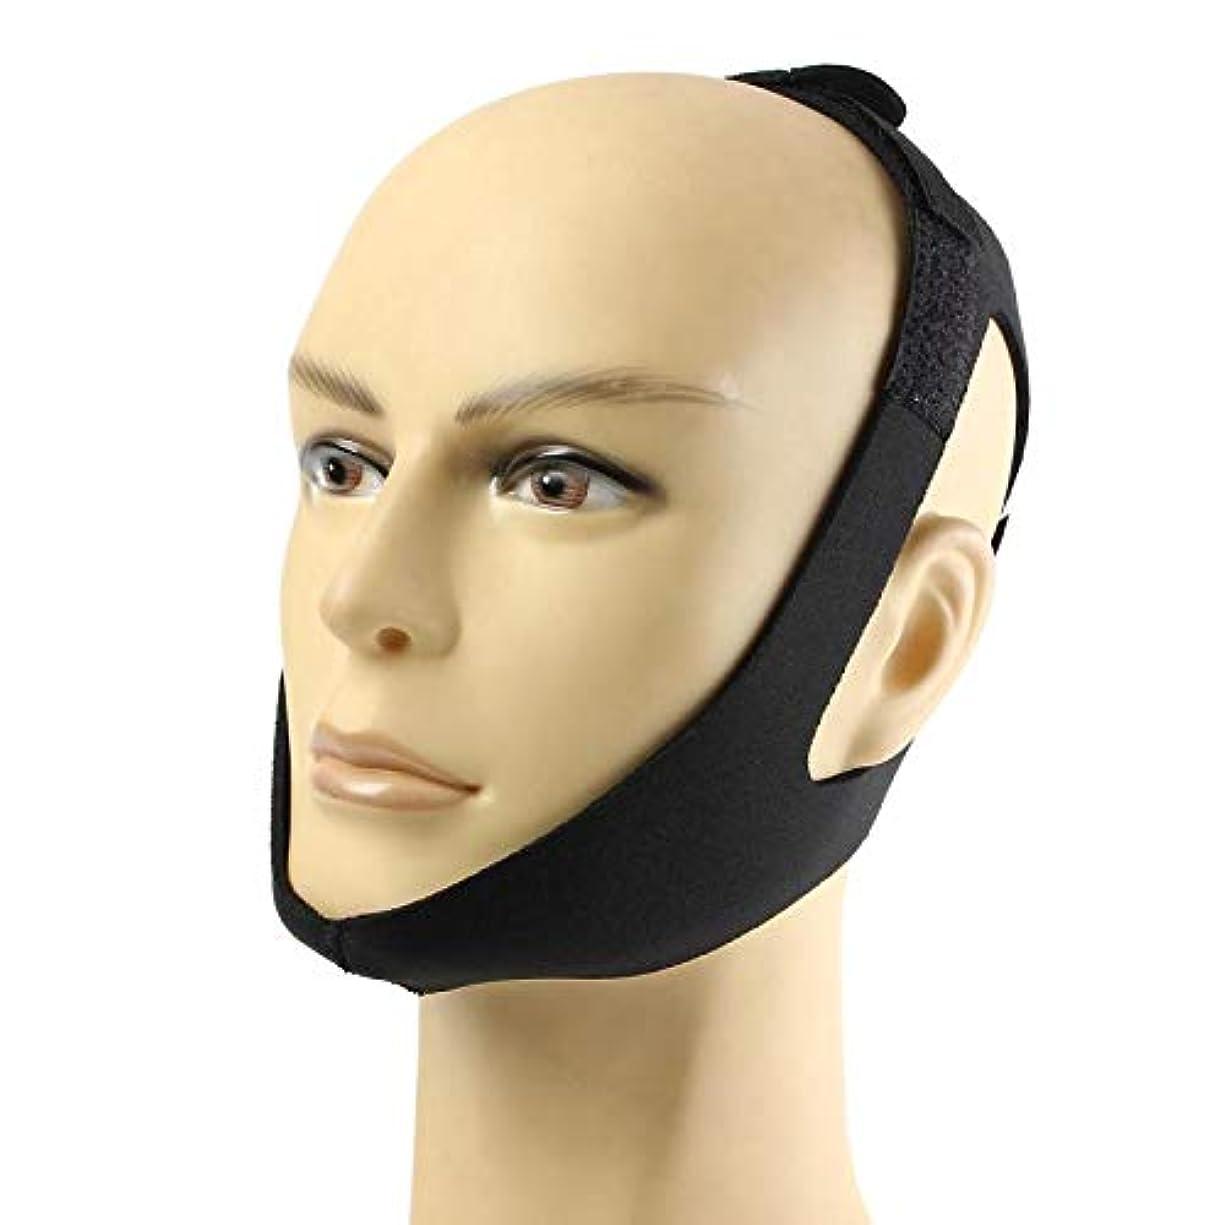 ドキドキオーガニック動かすNOTE 1ピースアンチいびきベルト停止いびきあごストラップ抗無呼吸ソリューション顎サポート睡眠マスクヘッドバンド用女性男性ヘルスケア黒